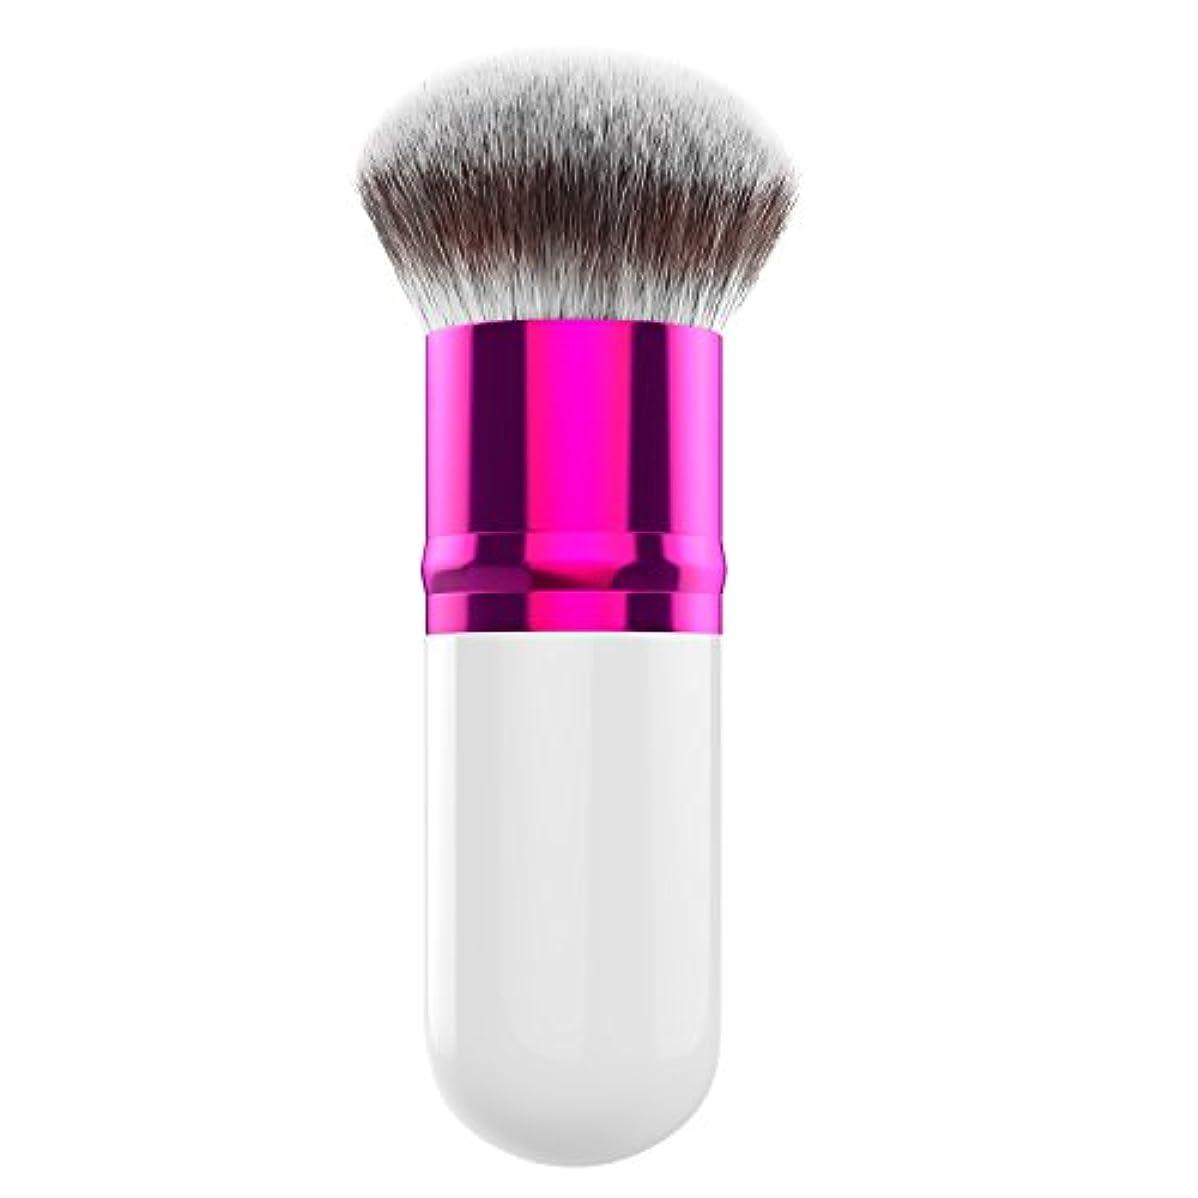 線形突破口アダルトファンデーションブラシ - Luxspire メイクブラシ 化粧筆 コスメブラシ 繊細な人工毛 毛質やわらかい 肌に優しい - Magenta